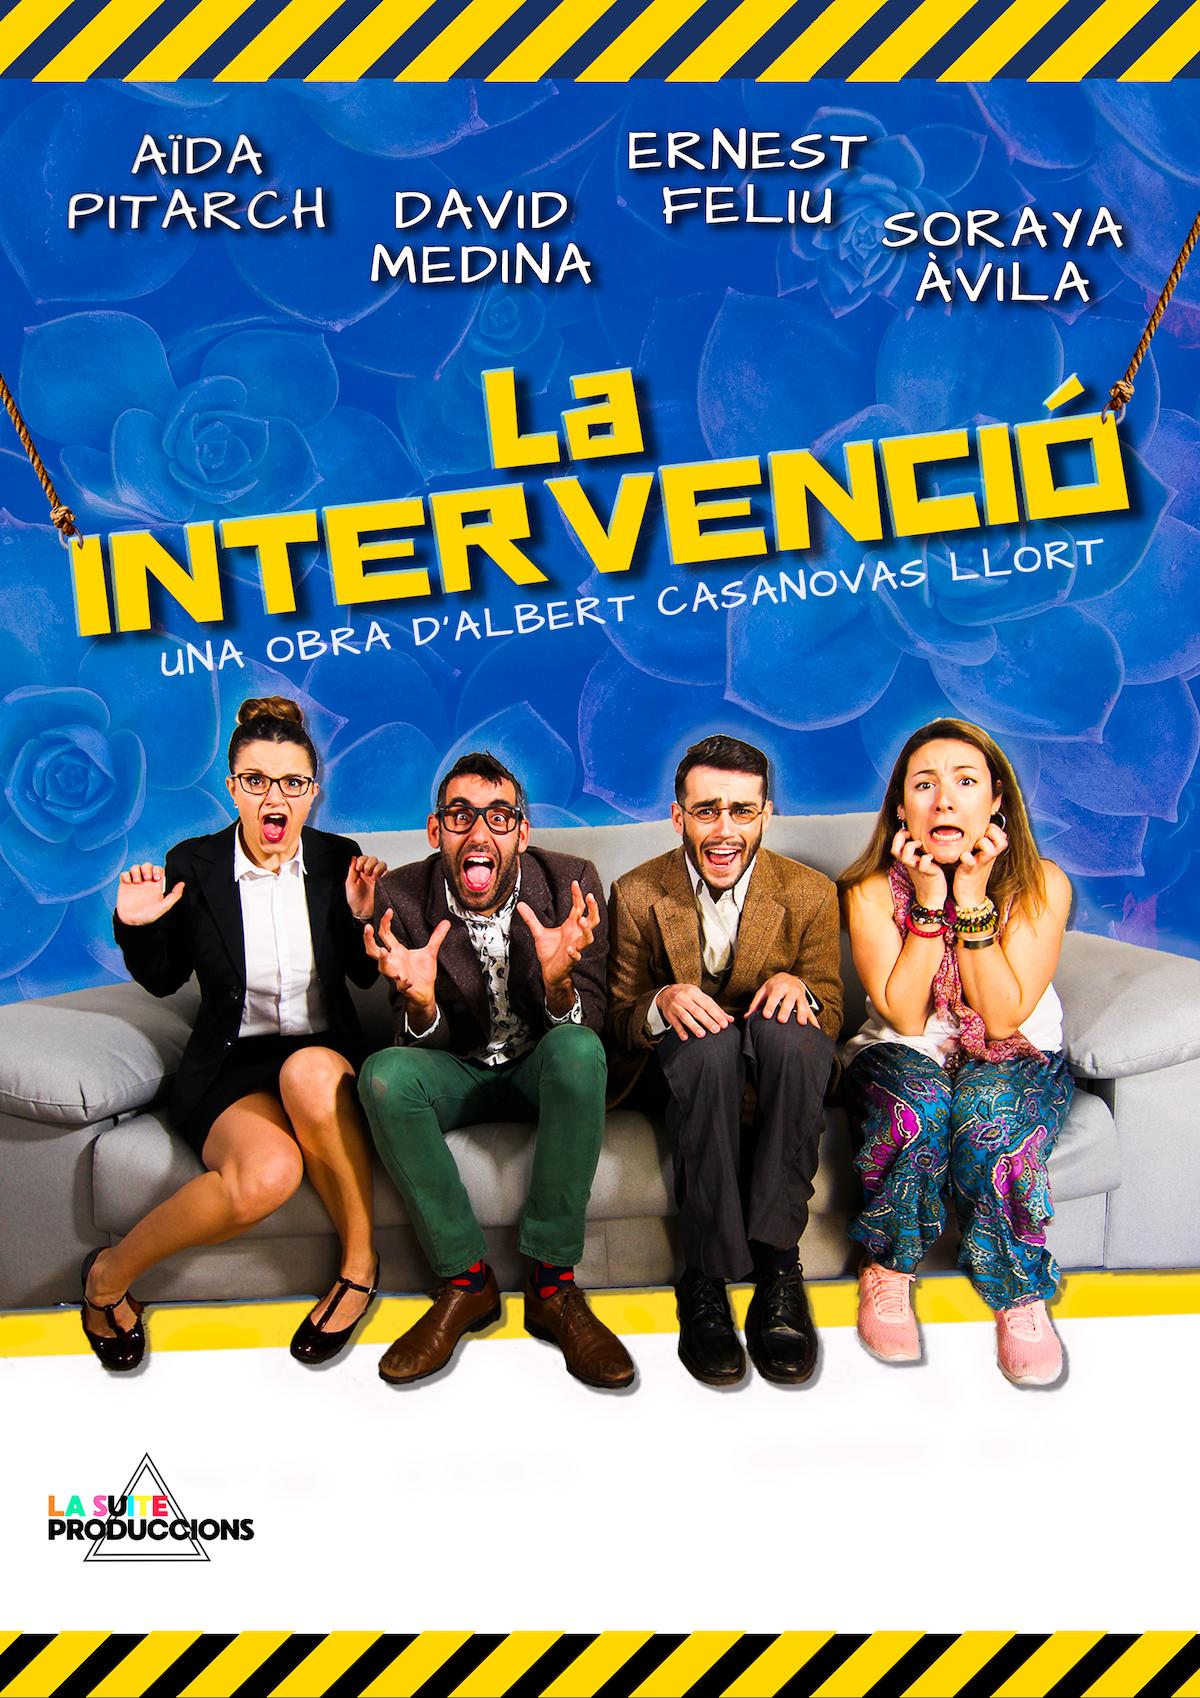 LA INTERVENCIÓ